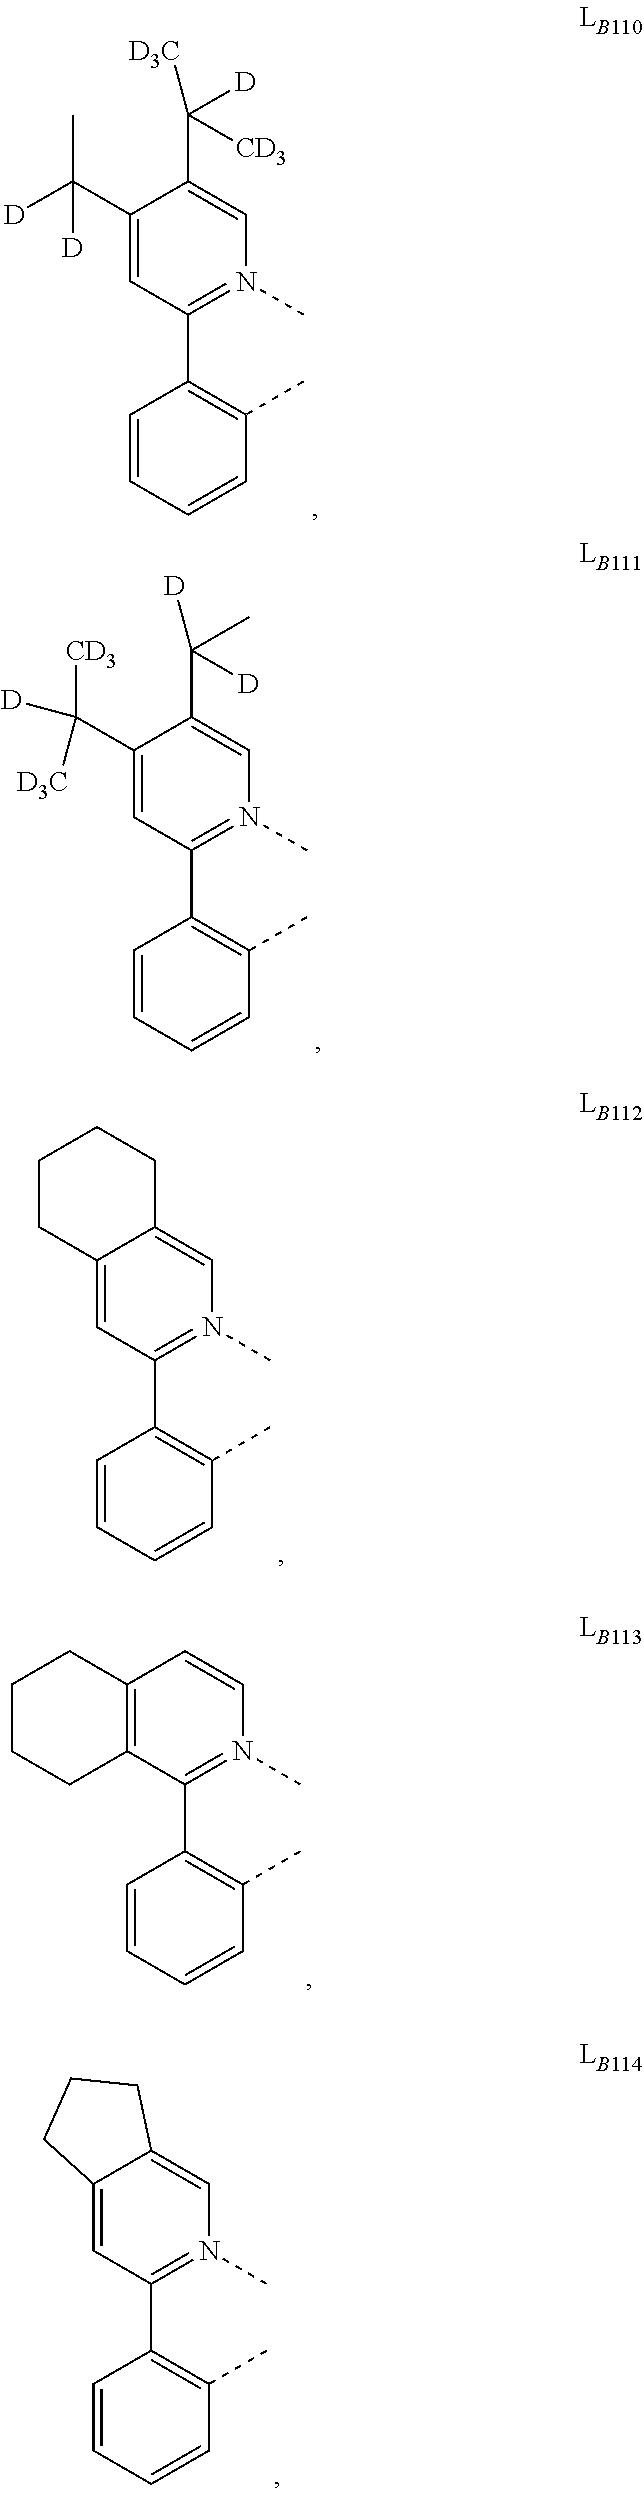 Figure US20160049599A1-20160218-C00519